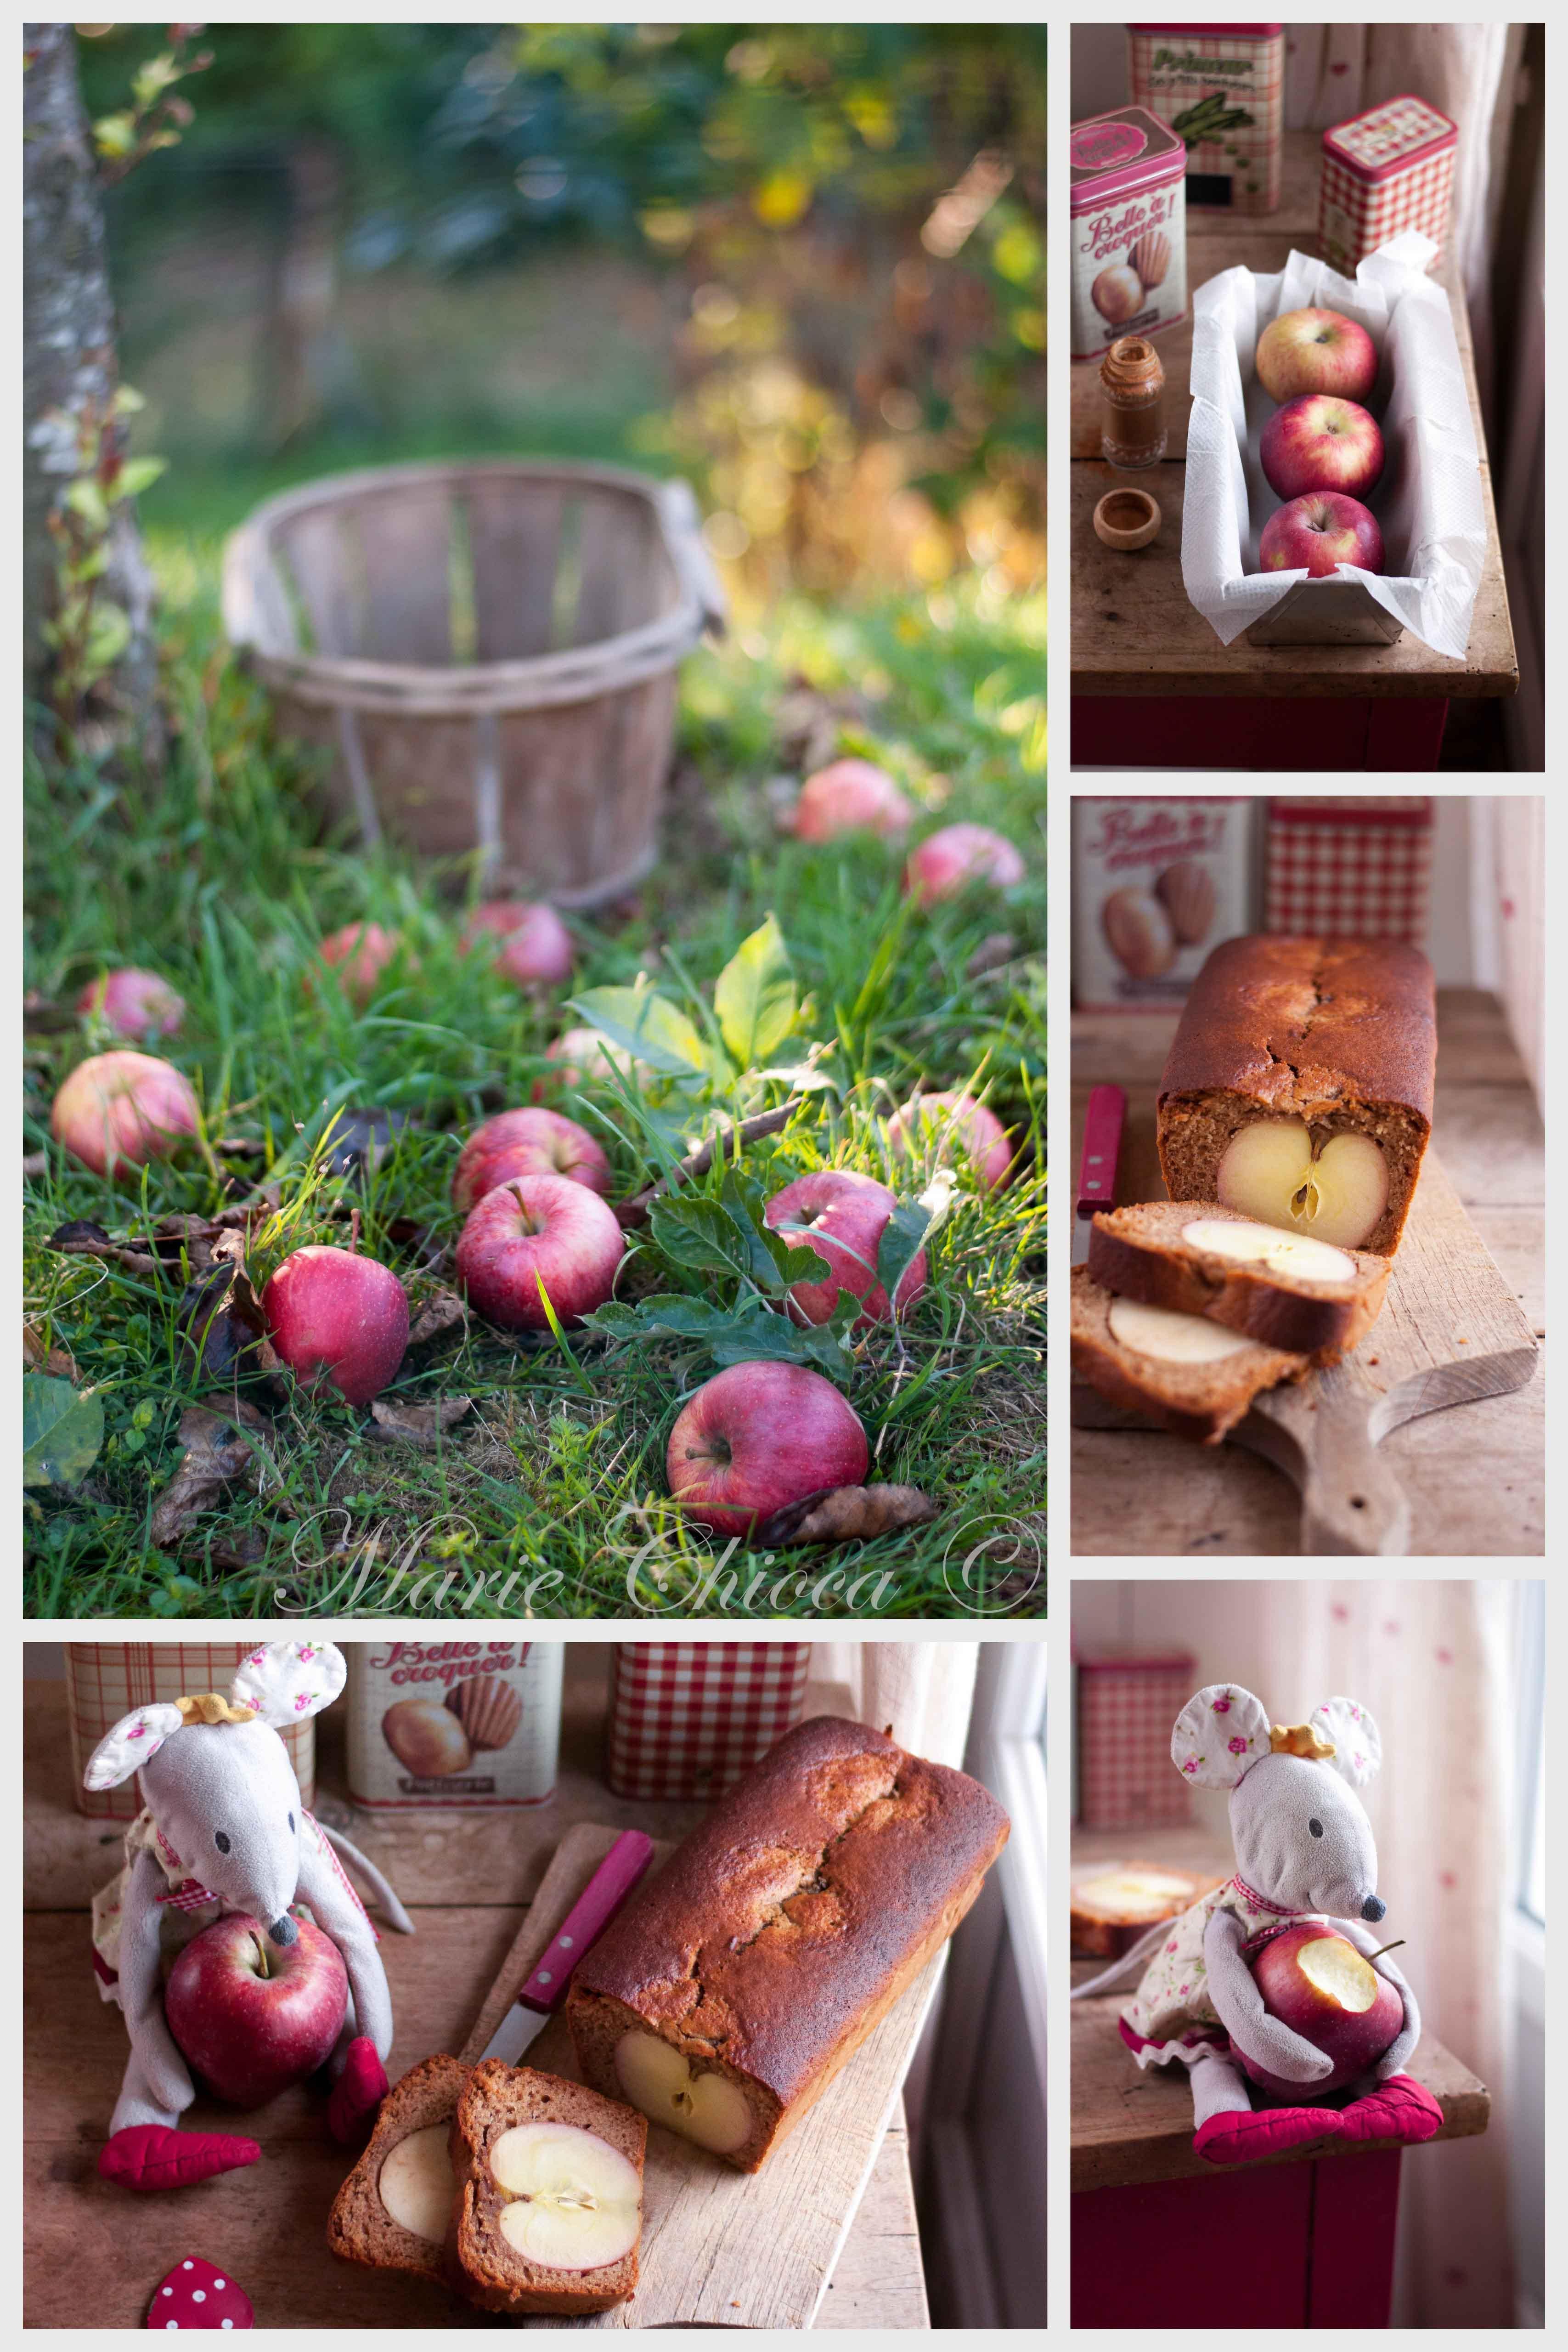 Pain-d-epice-aux-3-pommes-montage